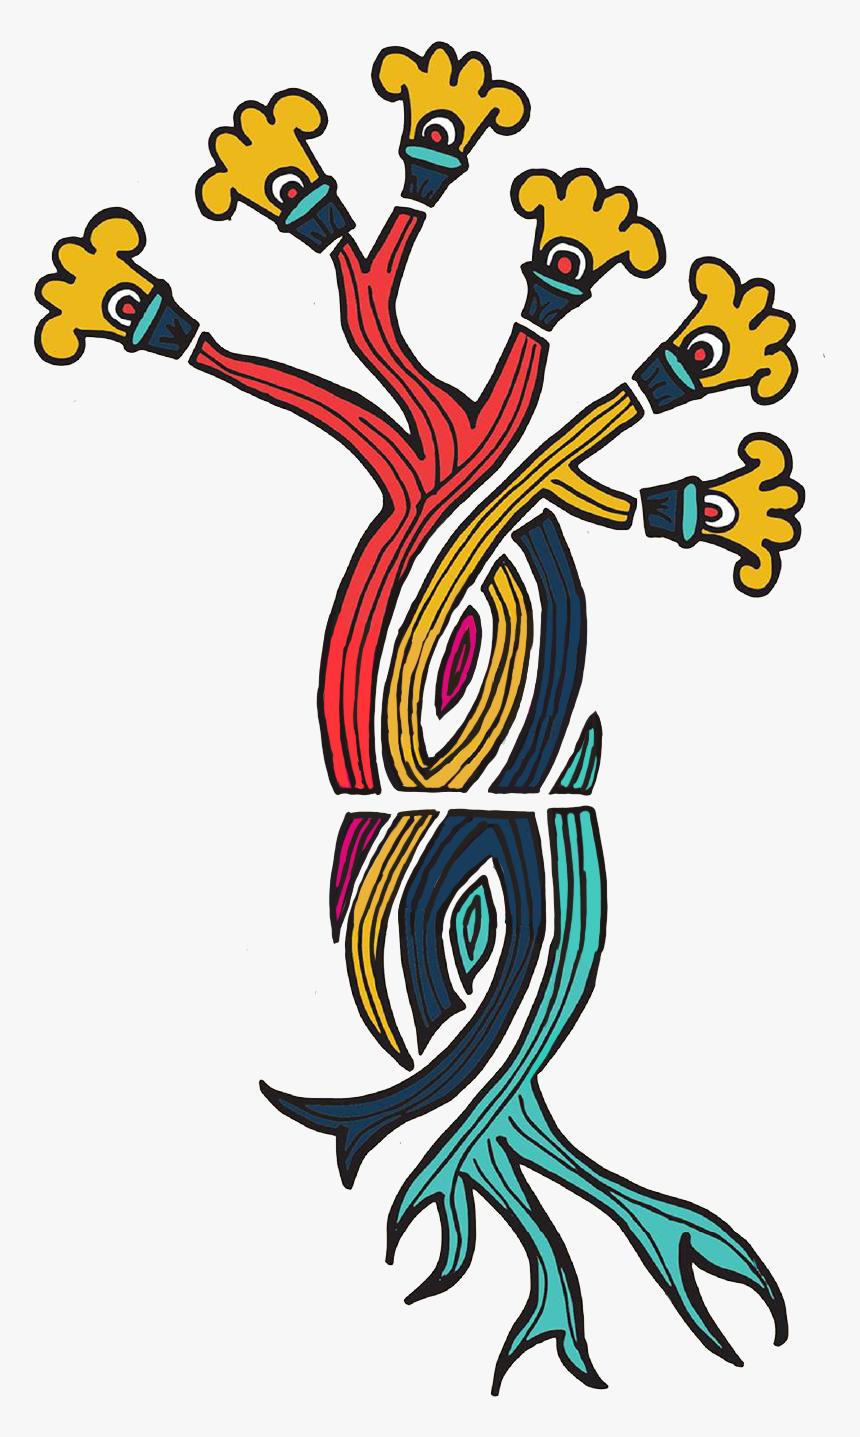 Iroots Logo Drawn Transparent - 50 Ans Joyeux Anniversaire Compteur, HD Png Download, Free Download